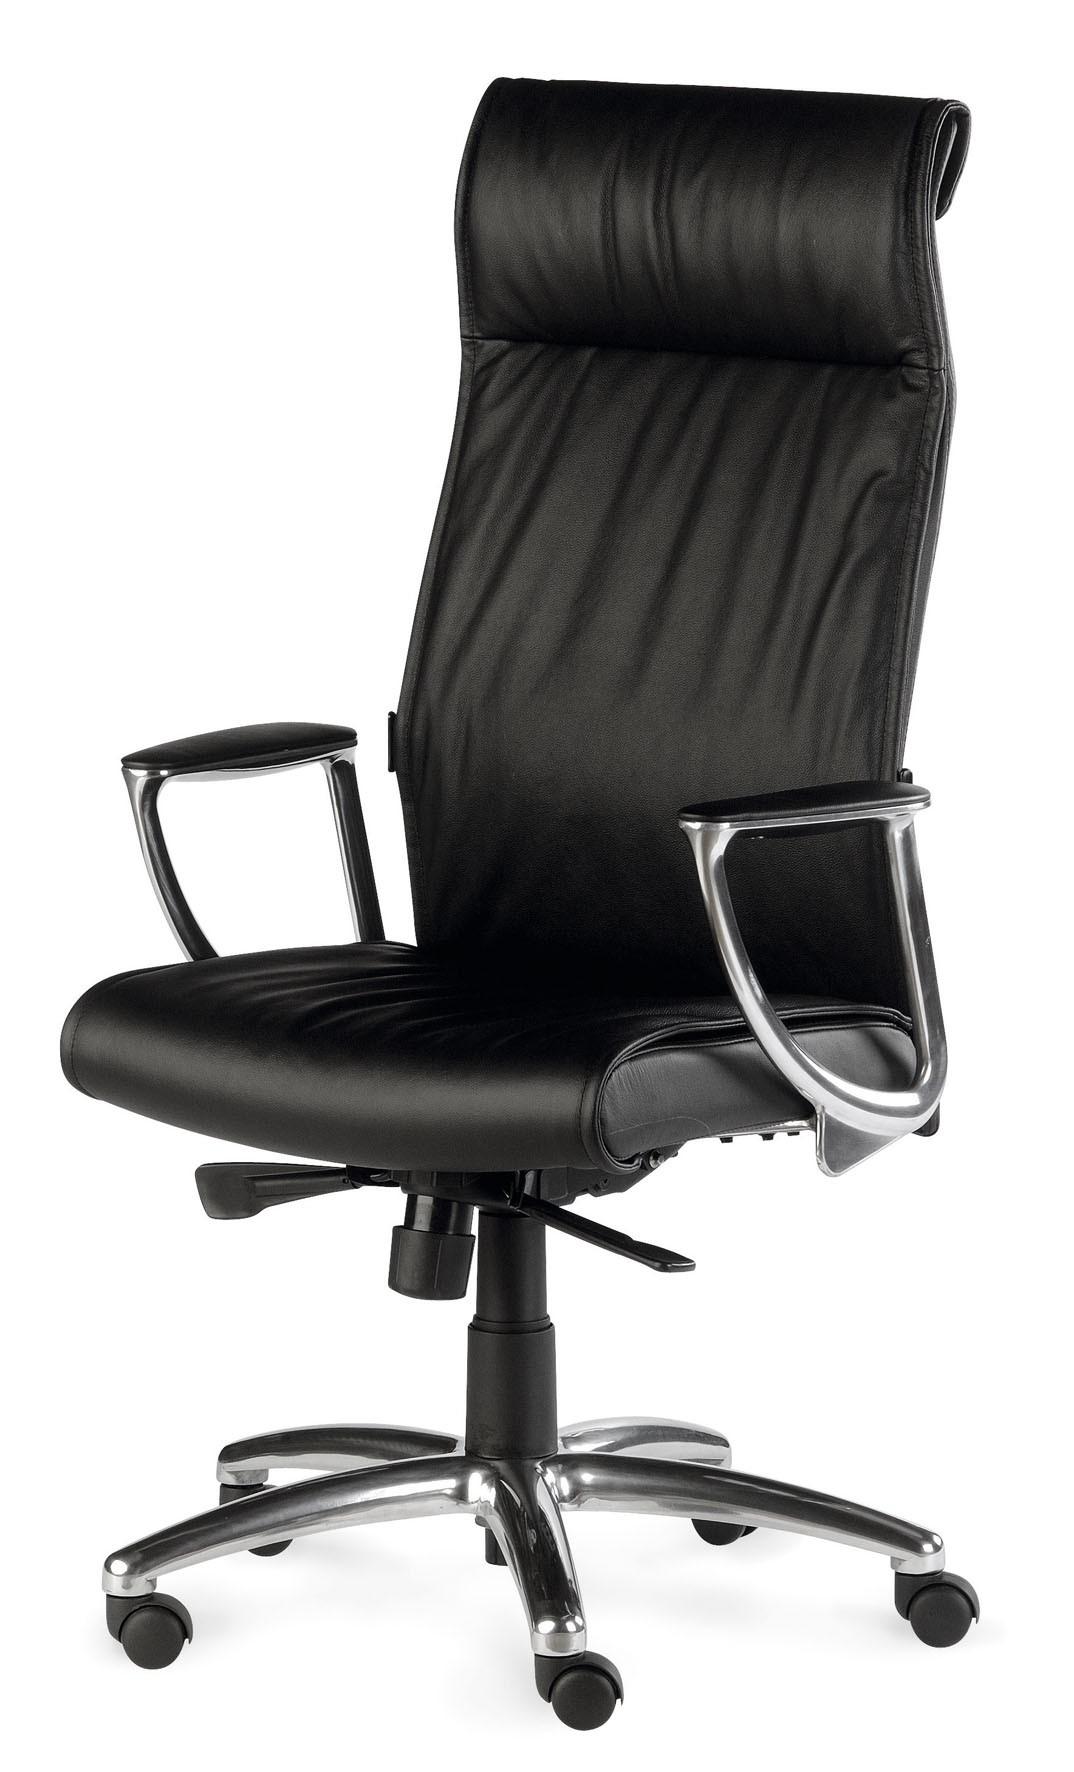 fauteuil pr sident cuir avec renfort lombaire stanley sitek faute. Black Bedroom Furniture Sets. Home Design Ideas